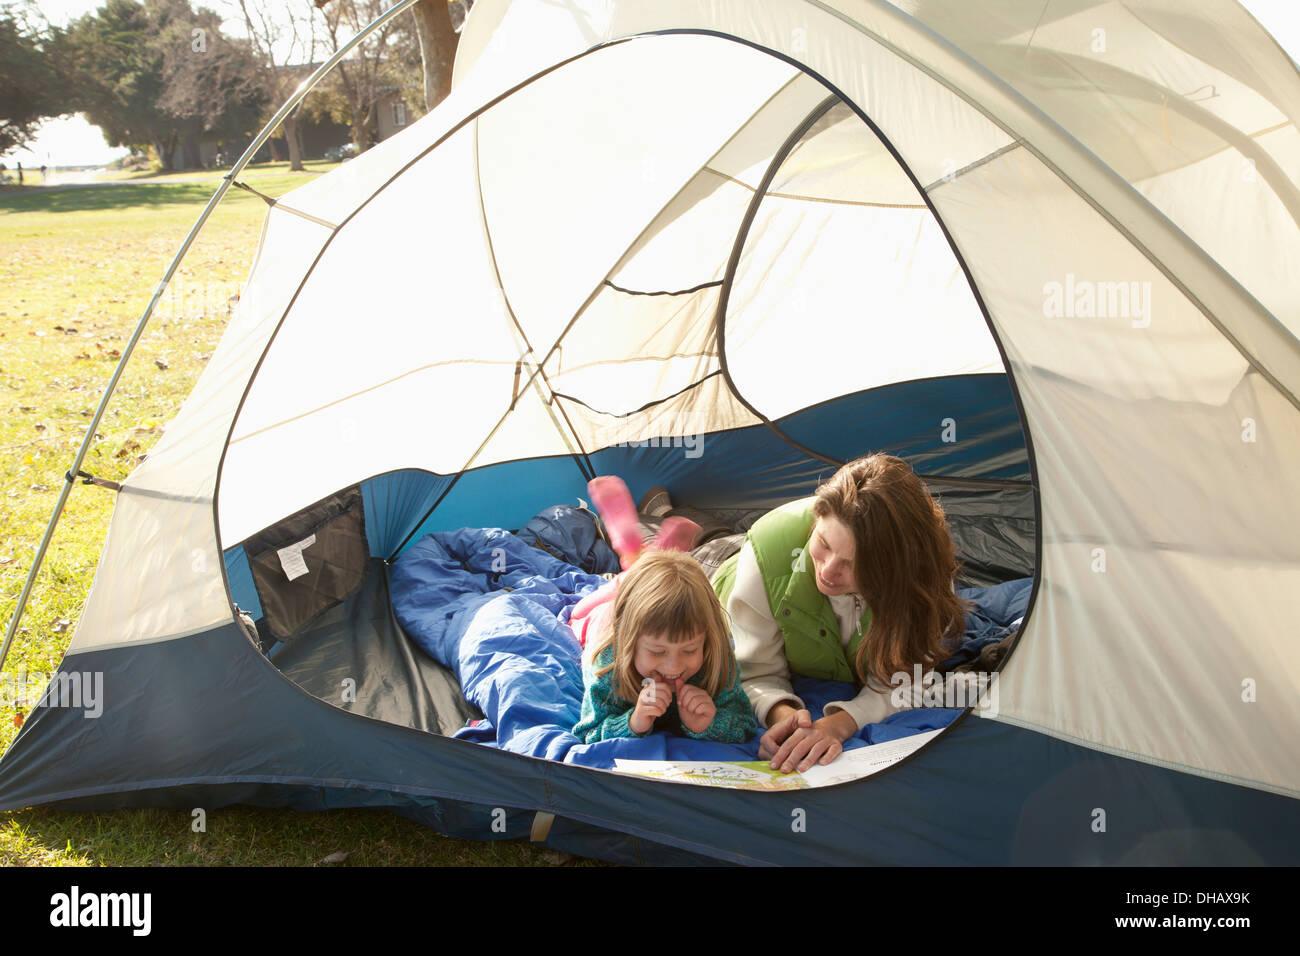 Una madre e figlia laici in una tenda la lettura di un libro; Crab Cove, Alemada, California, Stati Uniti d'America Immagini Stock